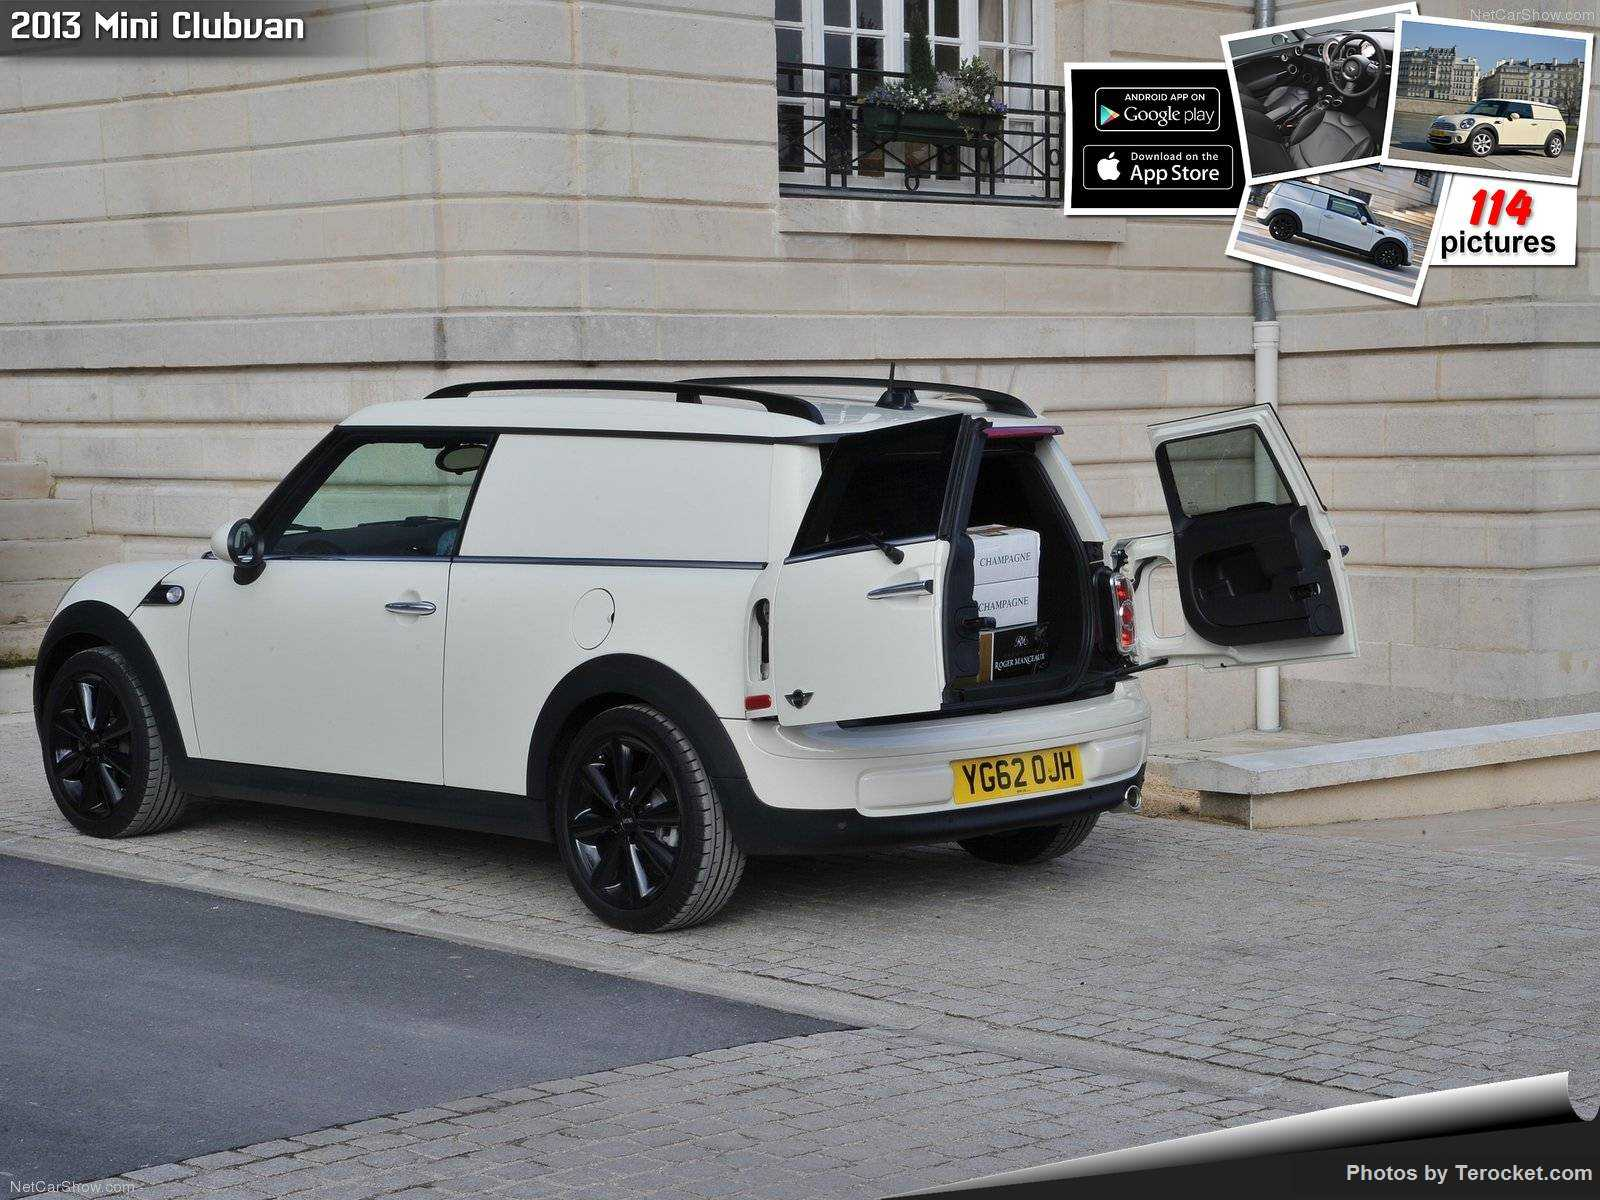 Hình ảnh xe ô tô Mini Clubvan 2013 & nội ngoại thất